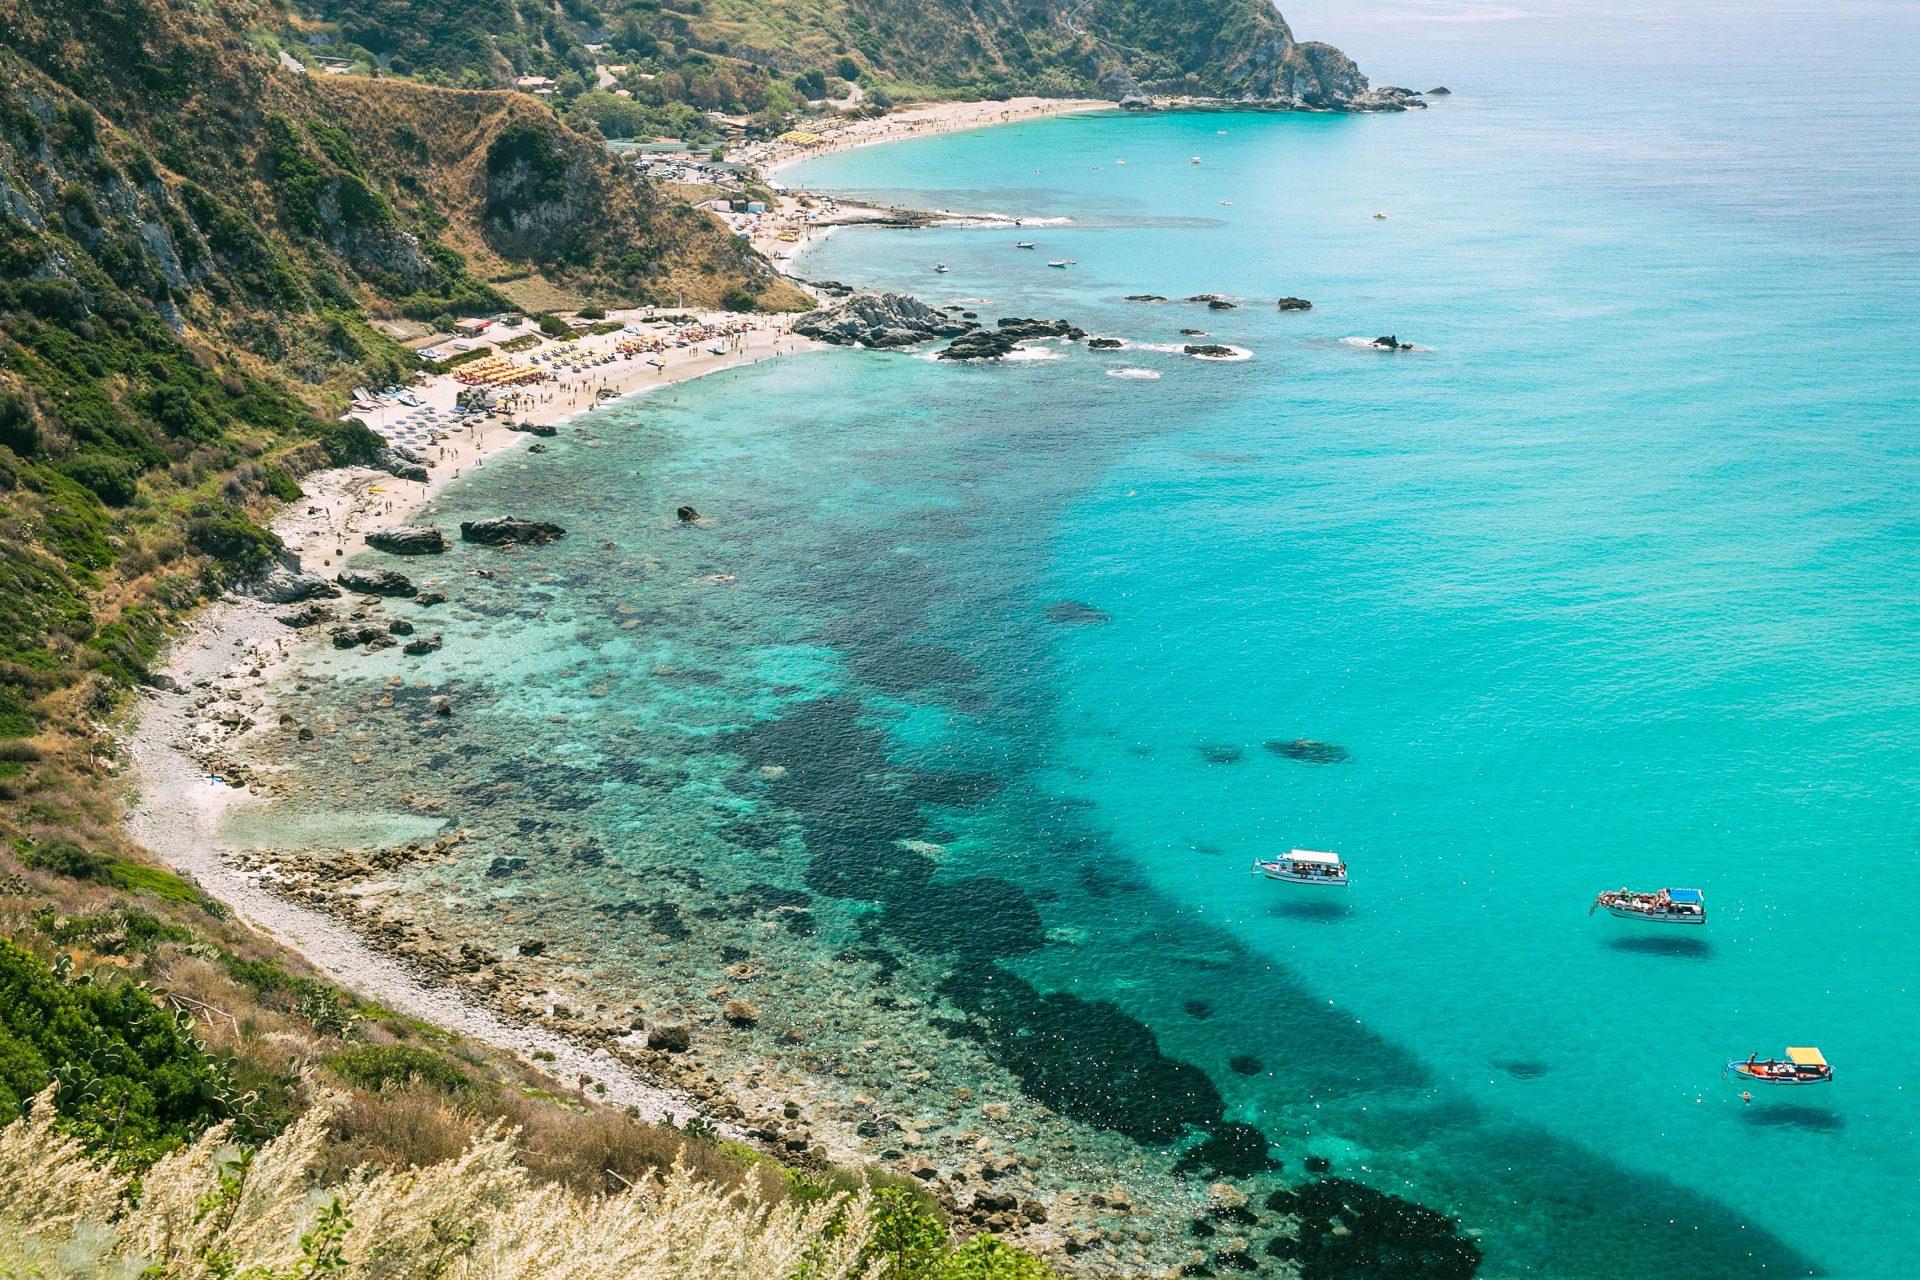 Die Küste von Kalabrien in Italien ist wunderschön